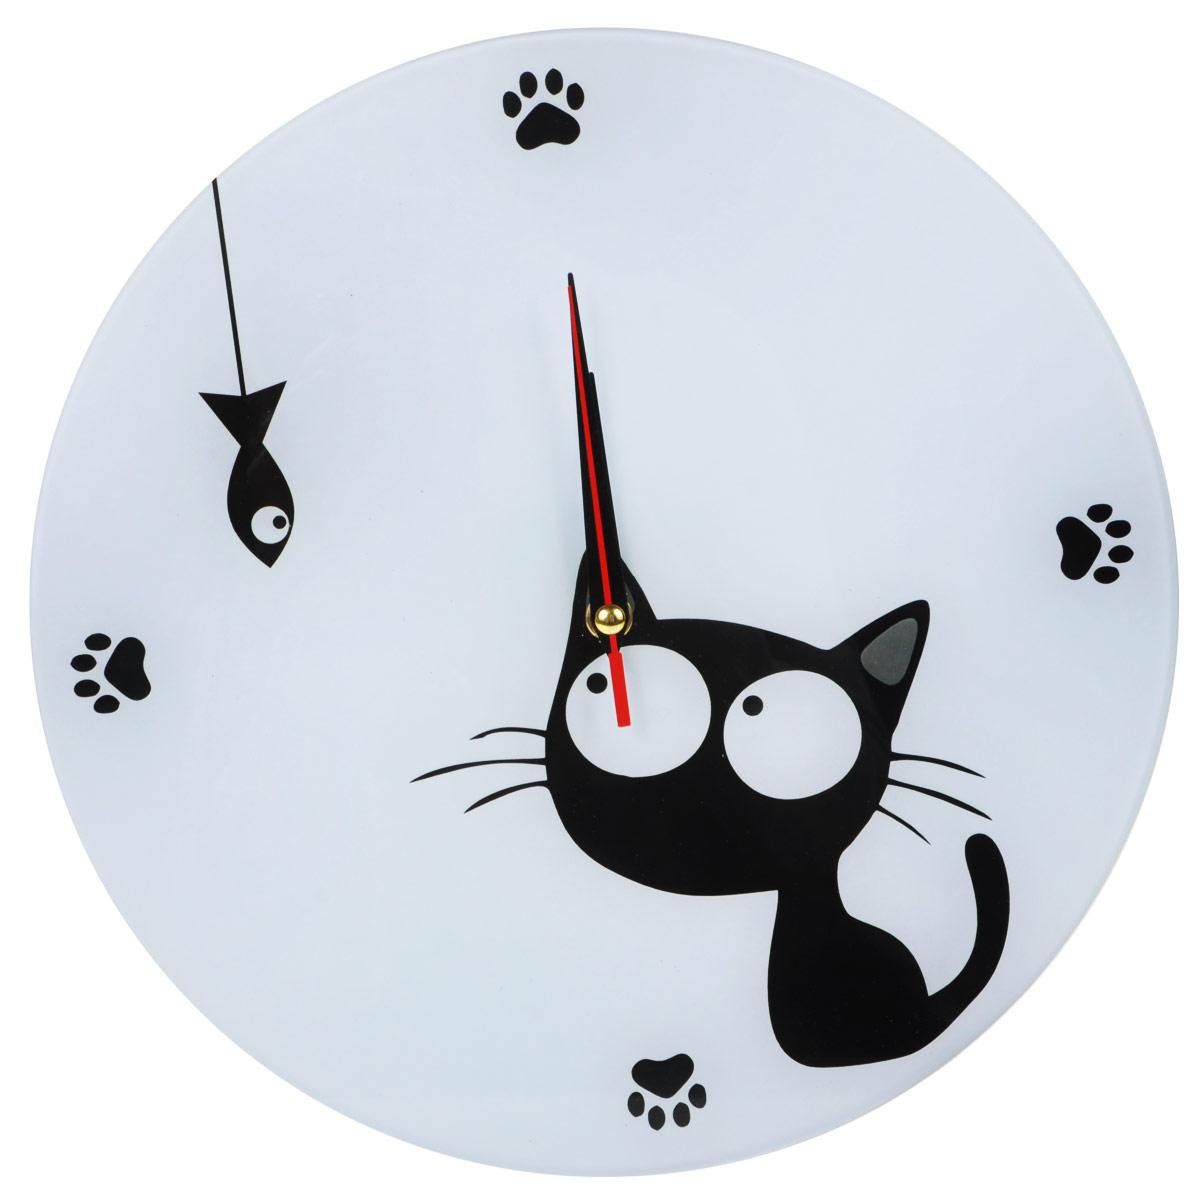 Часы настенные Котенок с рыбкой, стеклянные, цвет: черный, белый. 9554795301Оригинальные настенные часы Котенок с рыбкой круглой формы выполнены из стекла и оформлены изображением котенка и рыбки. Часы имеют три стрелки - часовую, минутную и секундную. Циферблат часов не защищен. Необычное дизайнерское решение и качество исполнения придутся по вкусу каждому. Оформите свой дом таким интерьерным аксессуаром или преподнесите его в качестве презента друзьям, и они оценят ваш оригинальный вкус и неординарность подарка. Характеристики:Материал: пластик, стекло. Диаметр: 28 см. Тихий ход. Работают от батарейки типа АА (в комплект не входит).